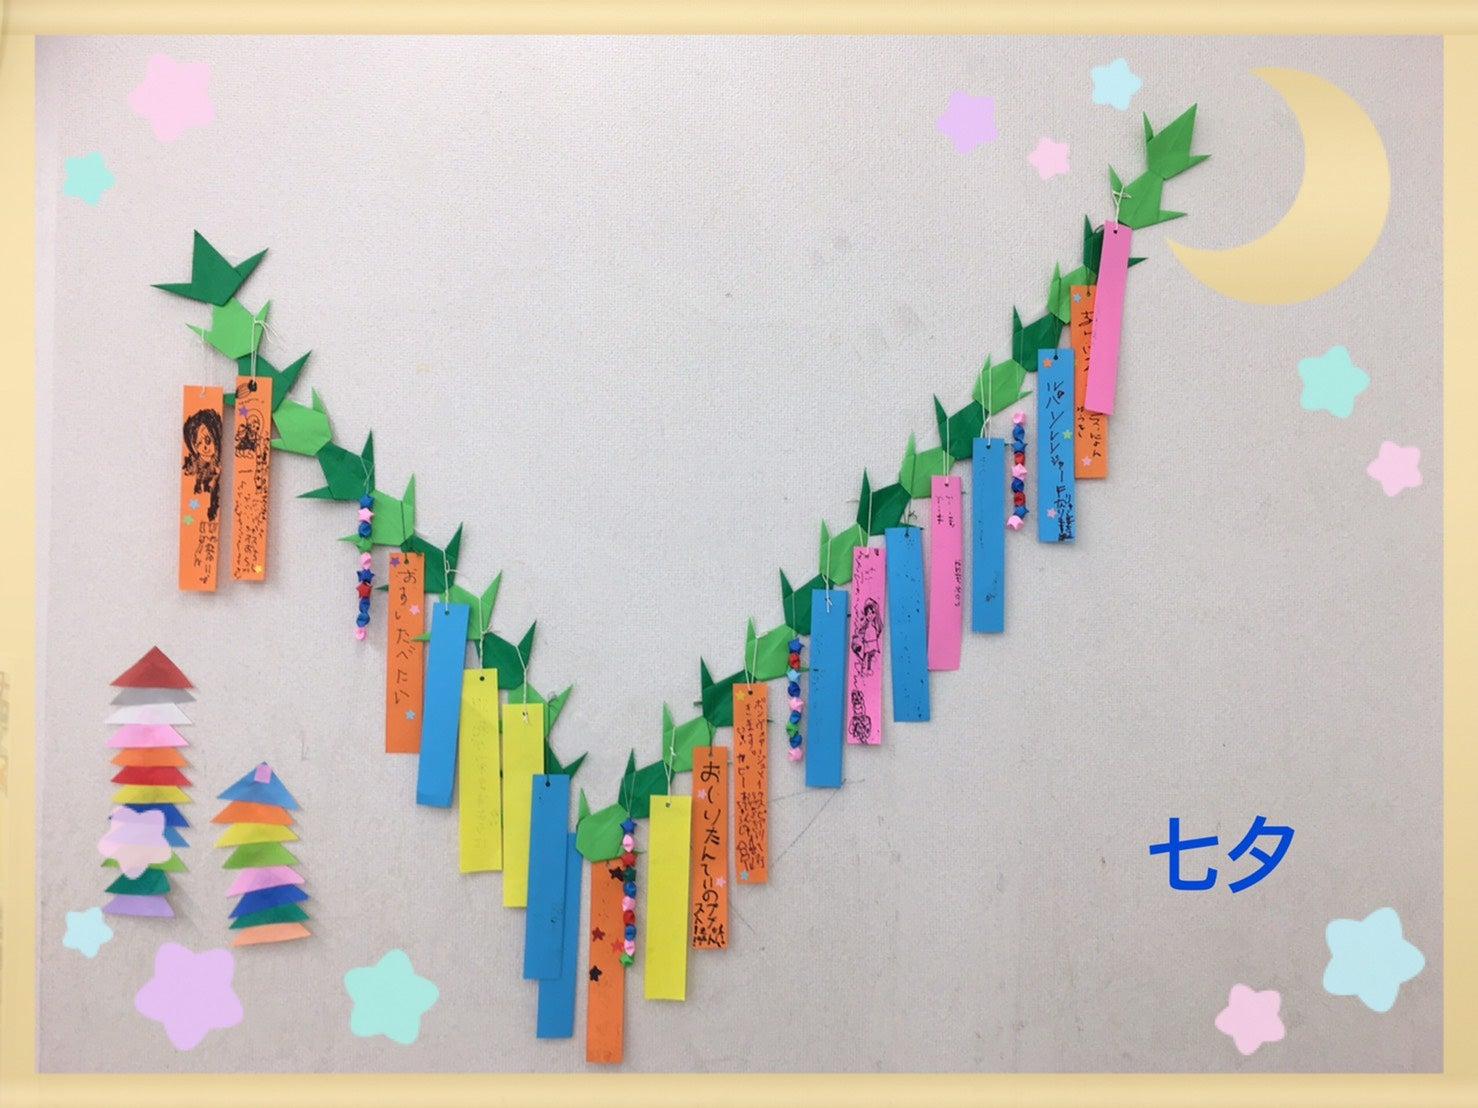 八ヶ崎教室です(●´ω`●)